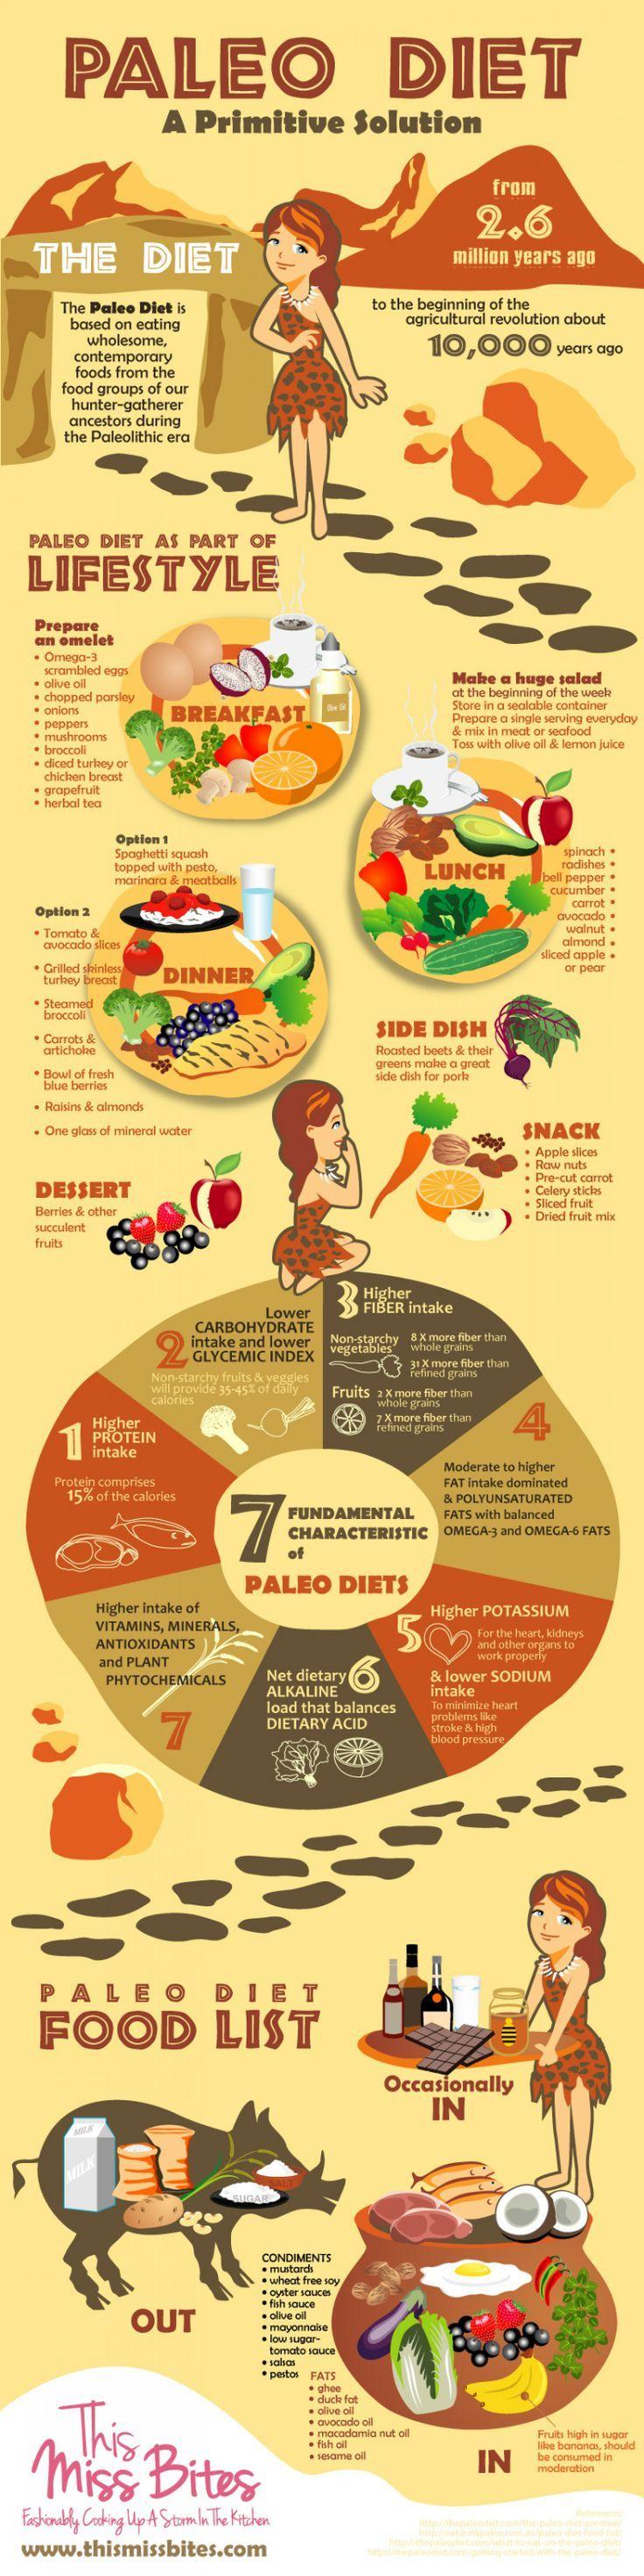 21-Day Pre-Wedding Diet Plan